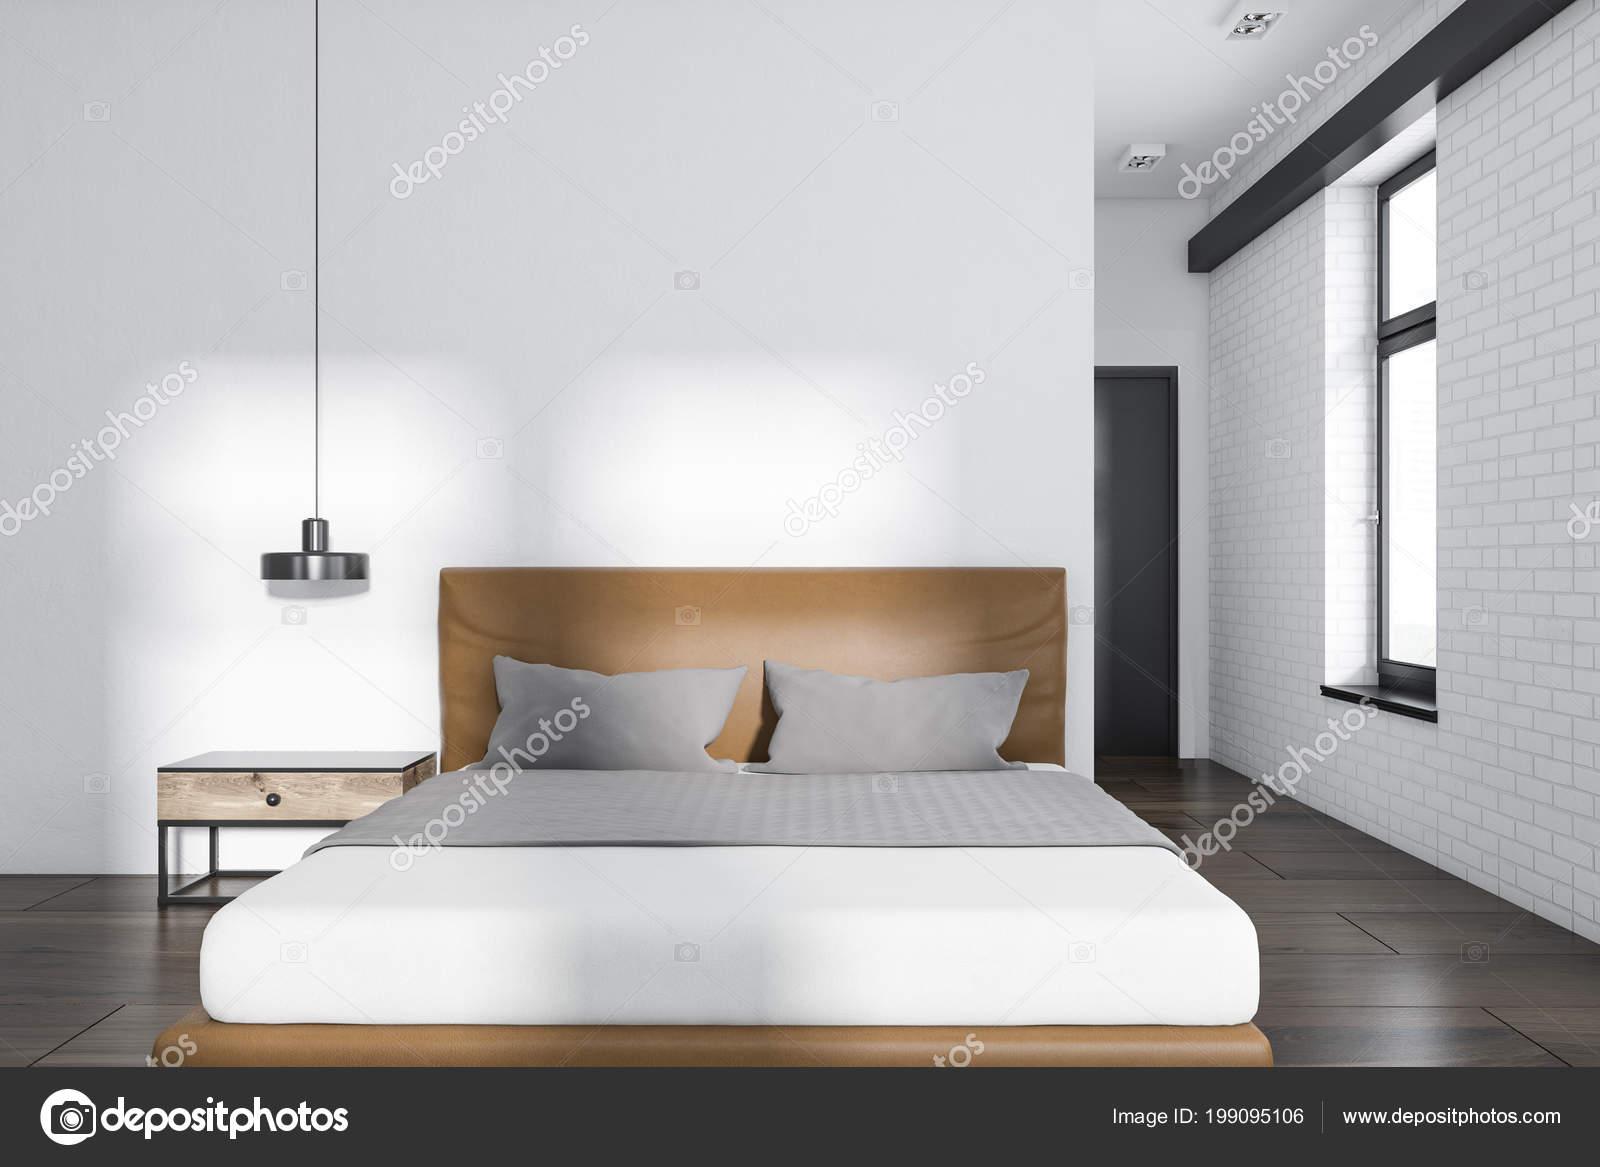 Holzfußboden Schlafzimmer ~ Moderne schlafzimmer innenraum mit weiß und weiße wände